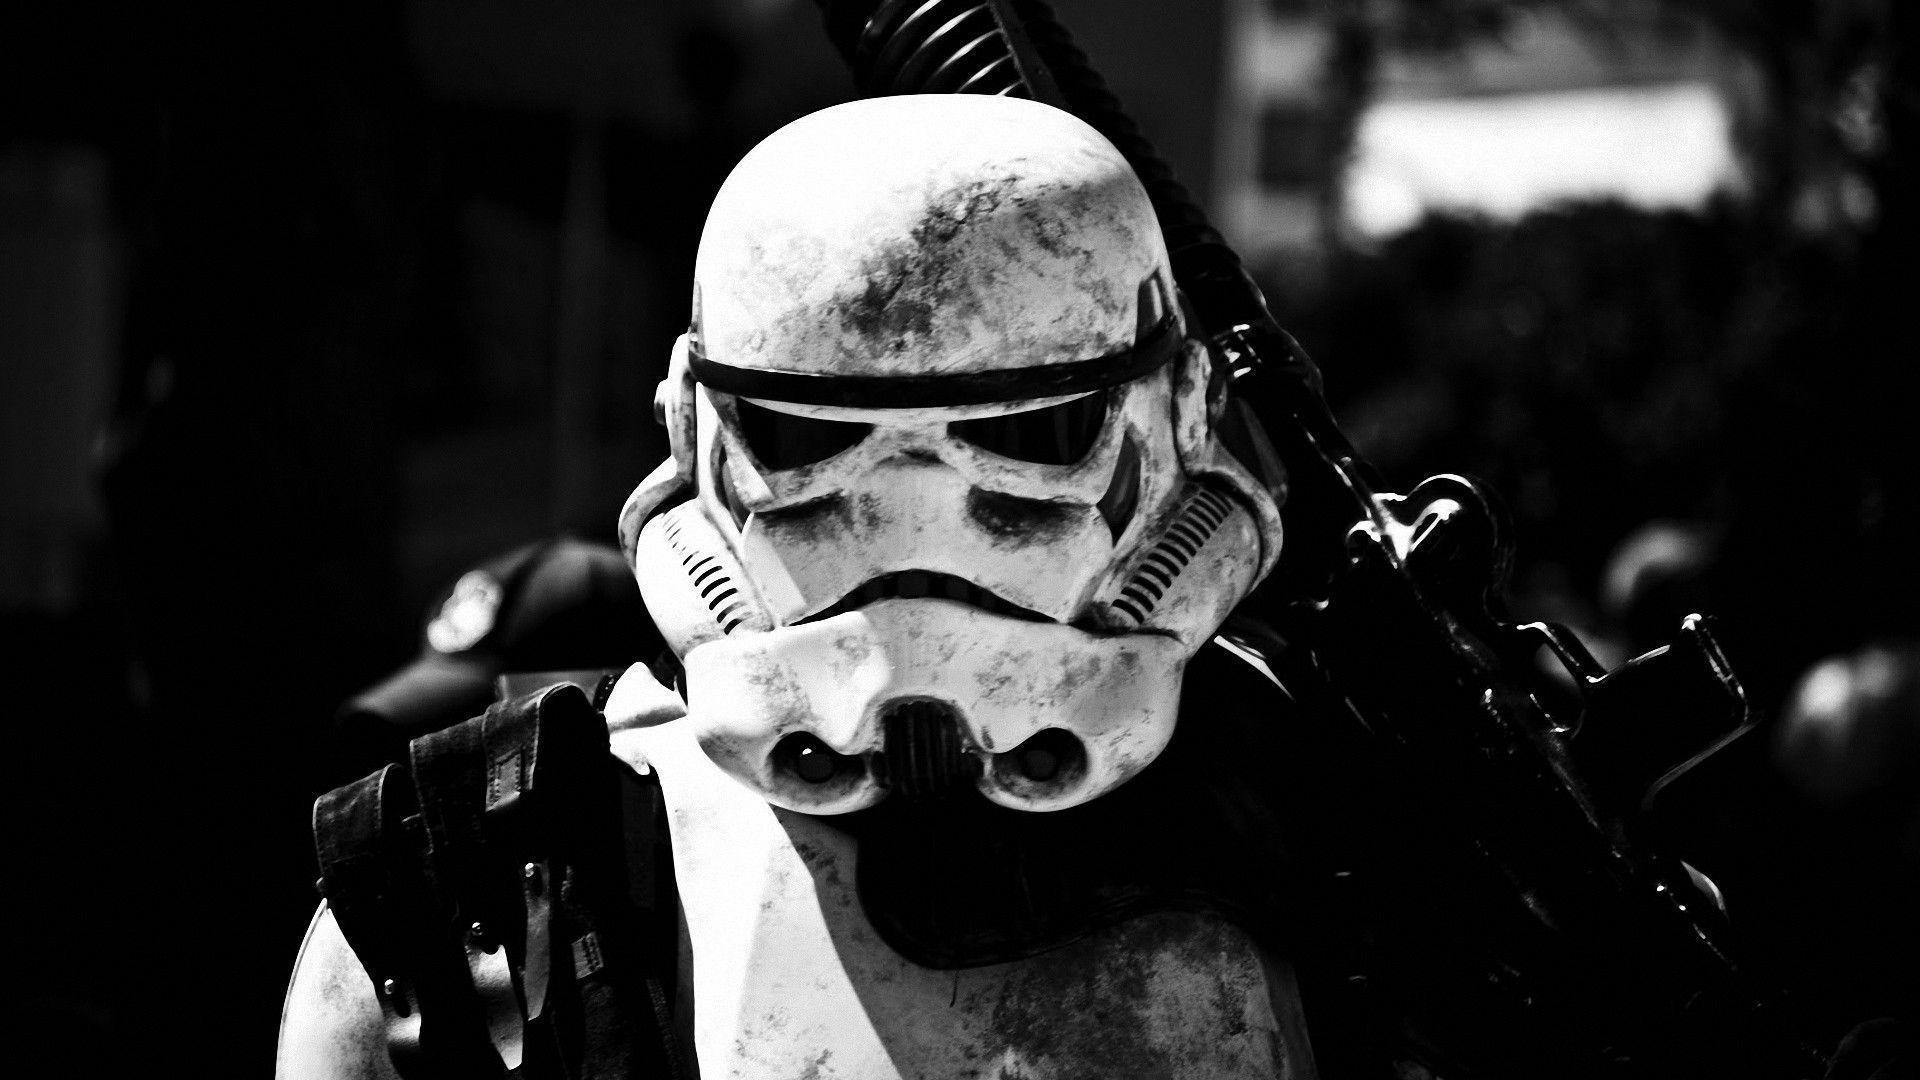 Storm Troopers Wallpaper - WallpaperSafari